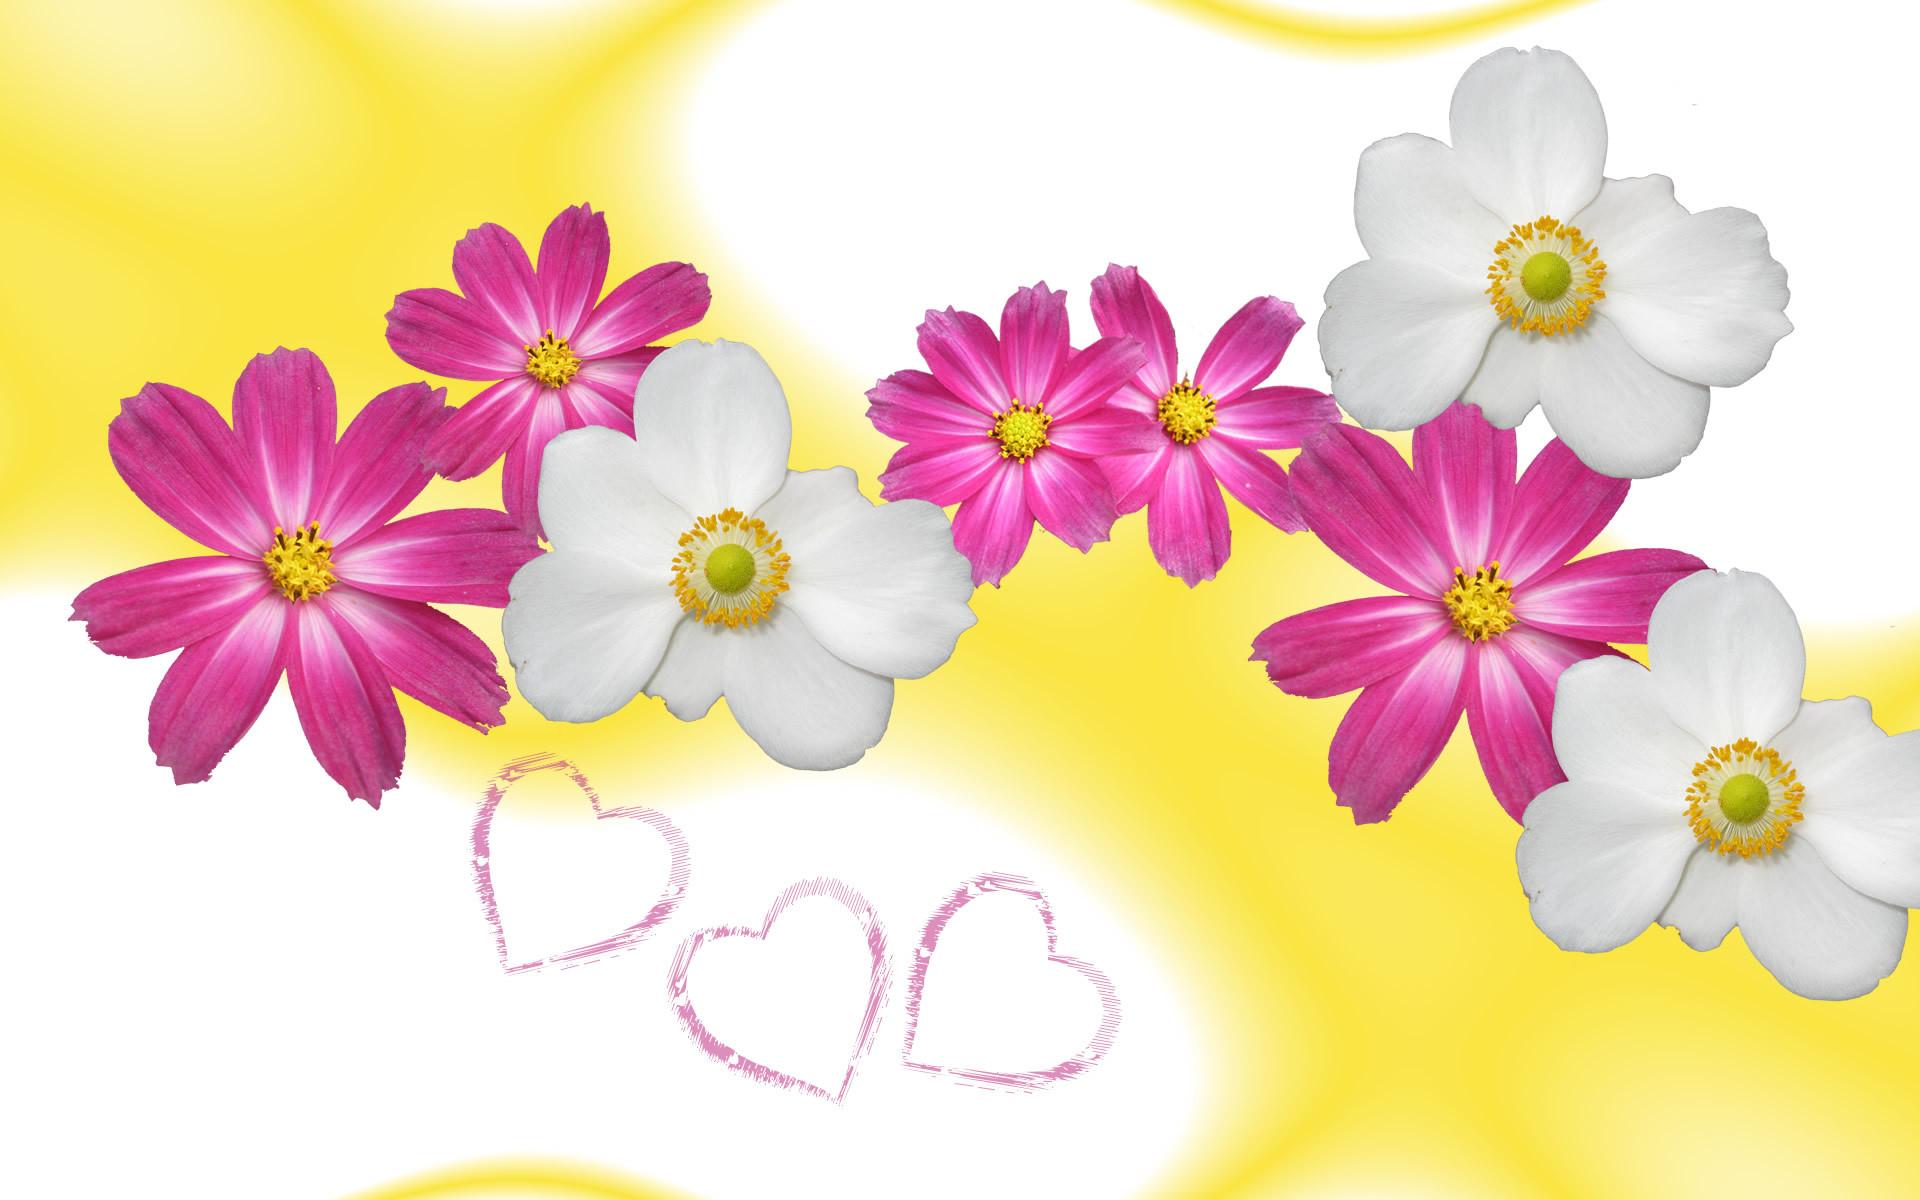 Aster flower wallpaper